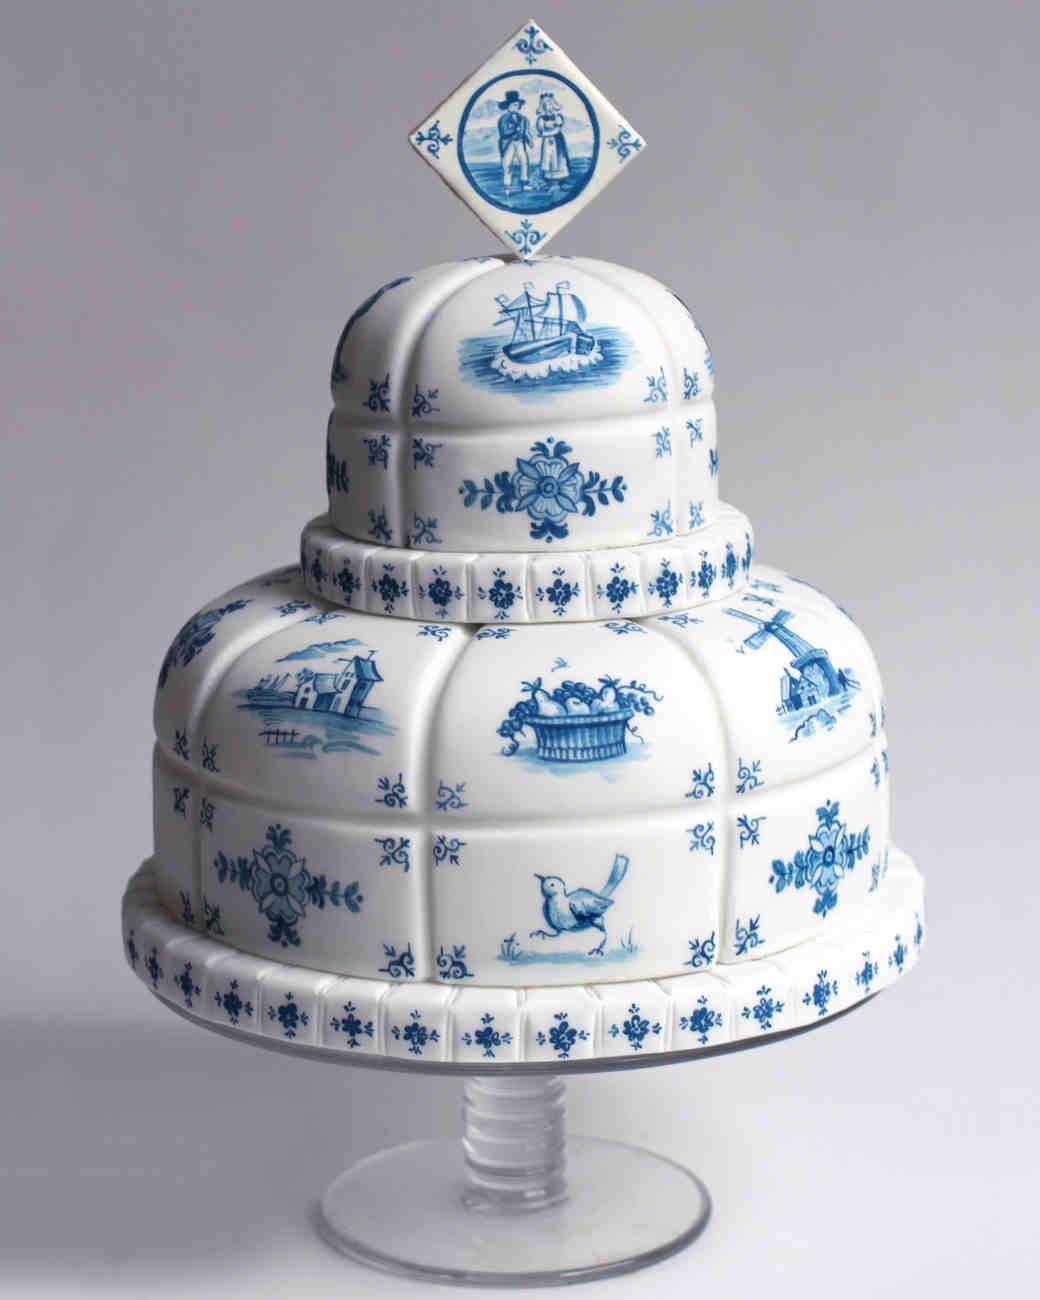 cake-pros-bakedideas-0414.jpg